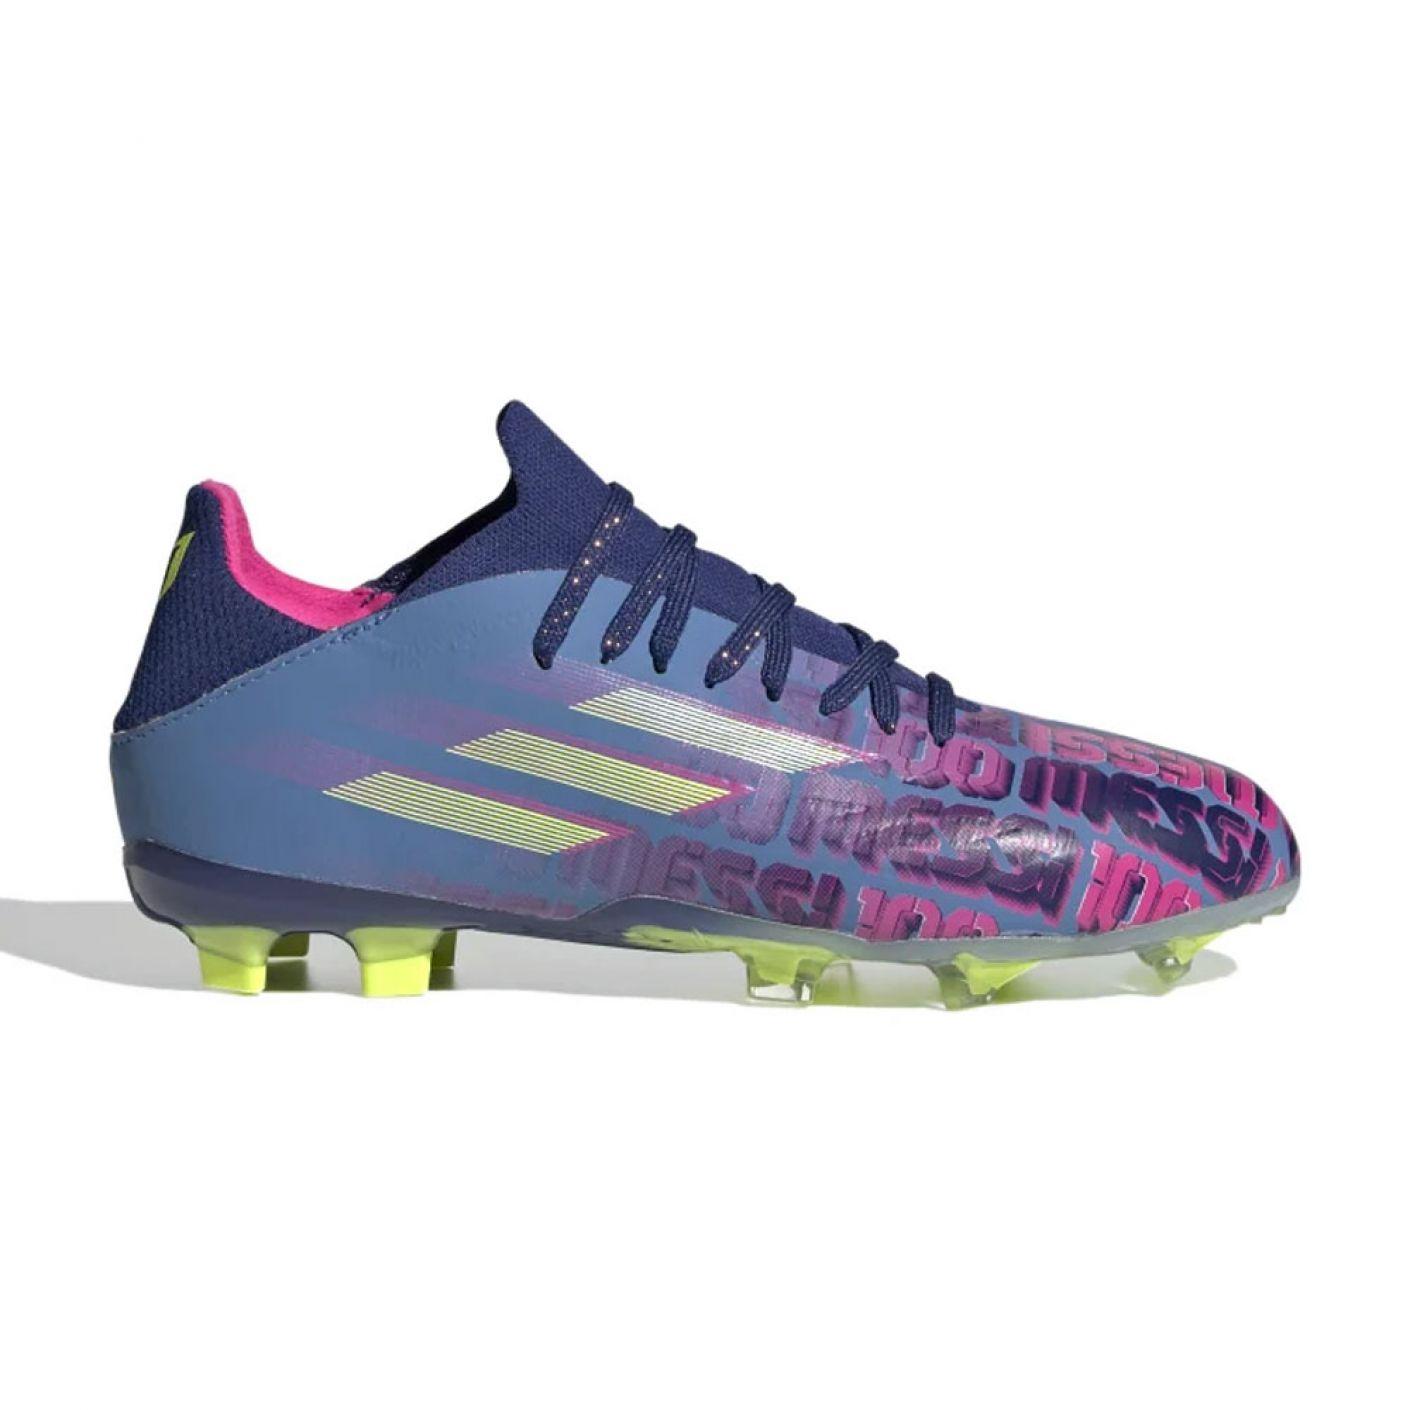 adidas X Speedflow Messi.1 Gras Voetbalschoenen (FG) Kids Blauw Roze Geel